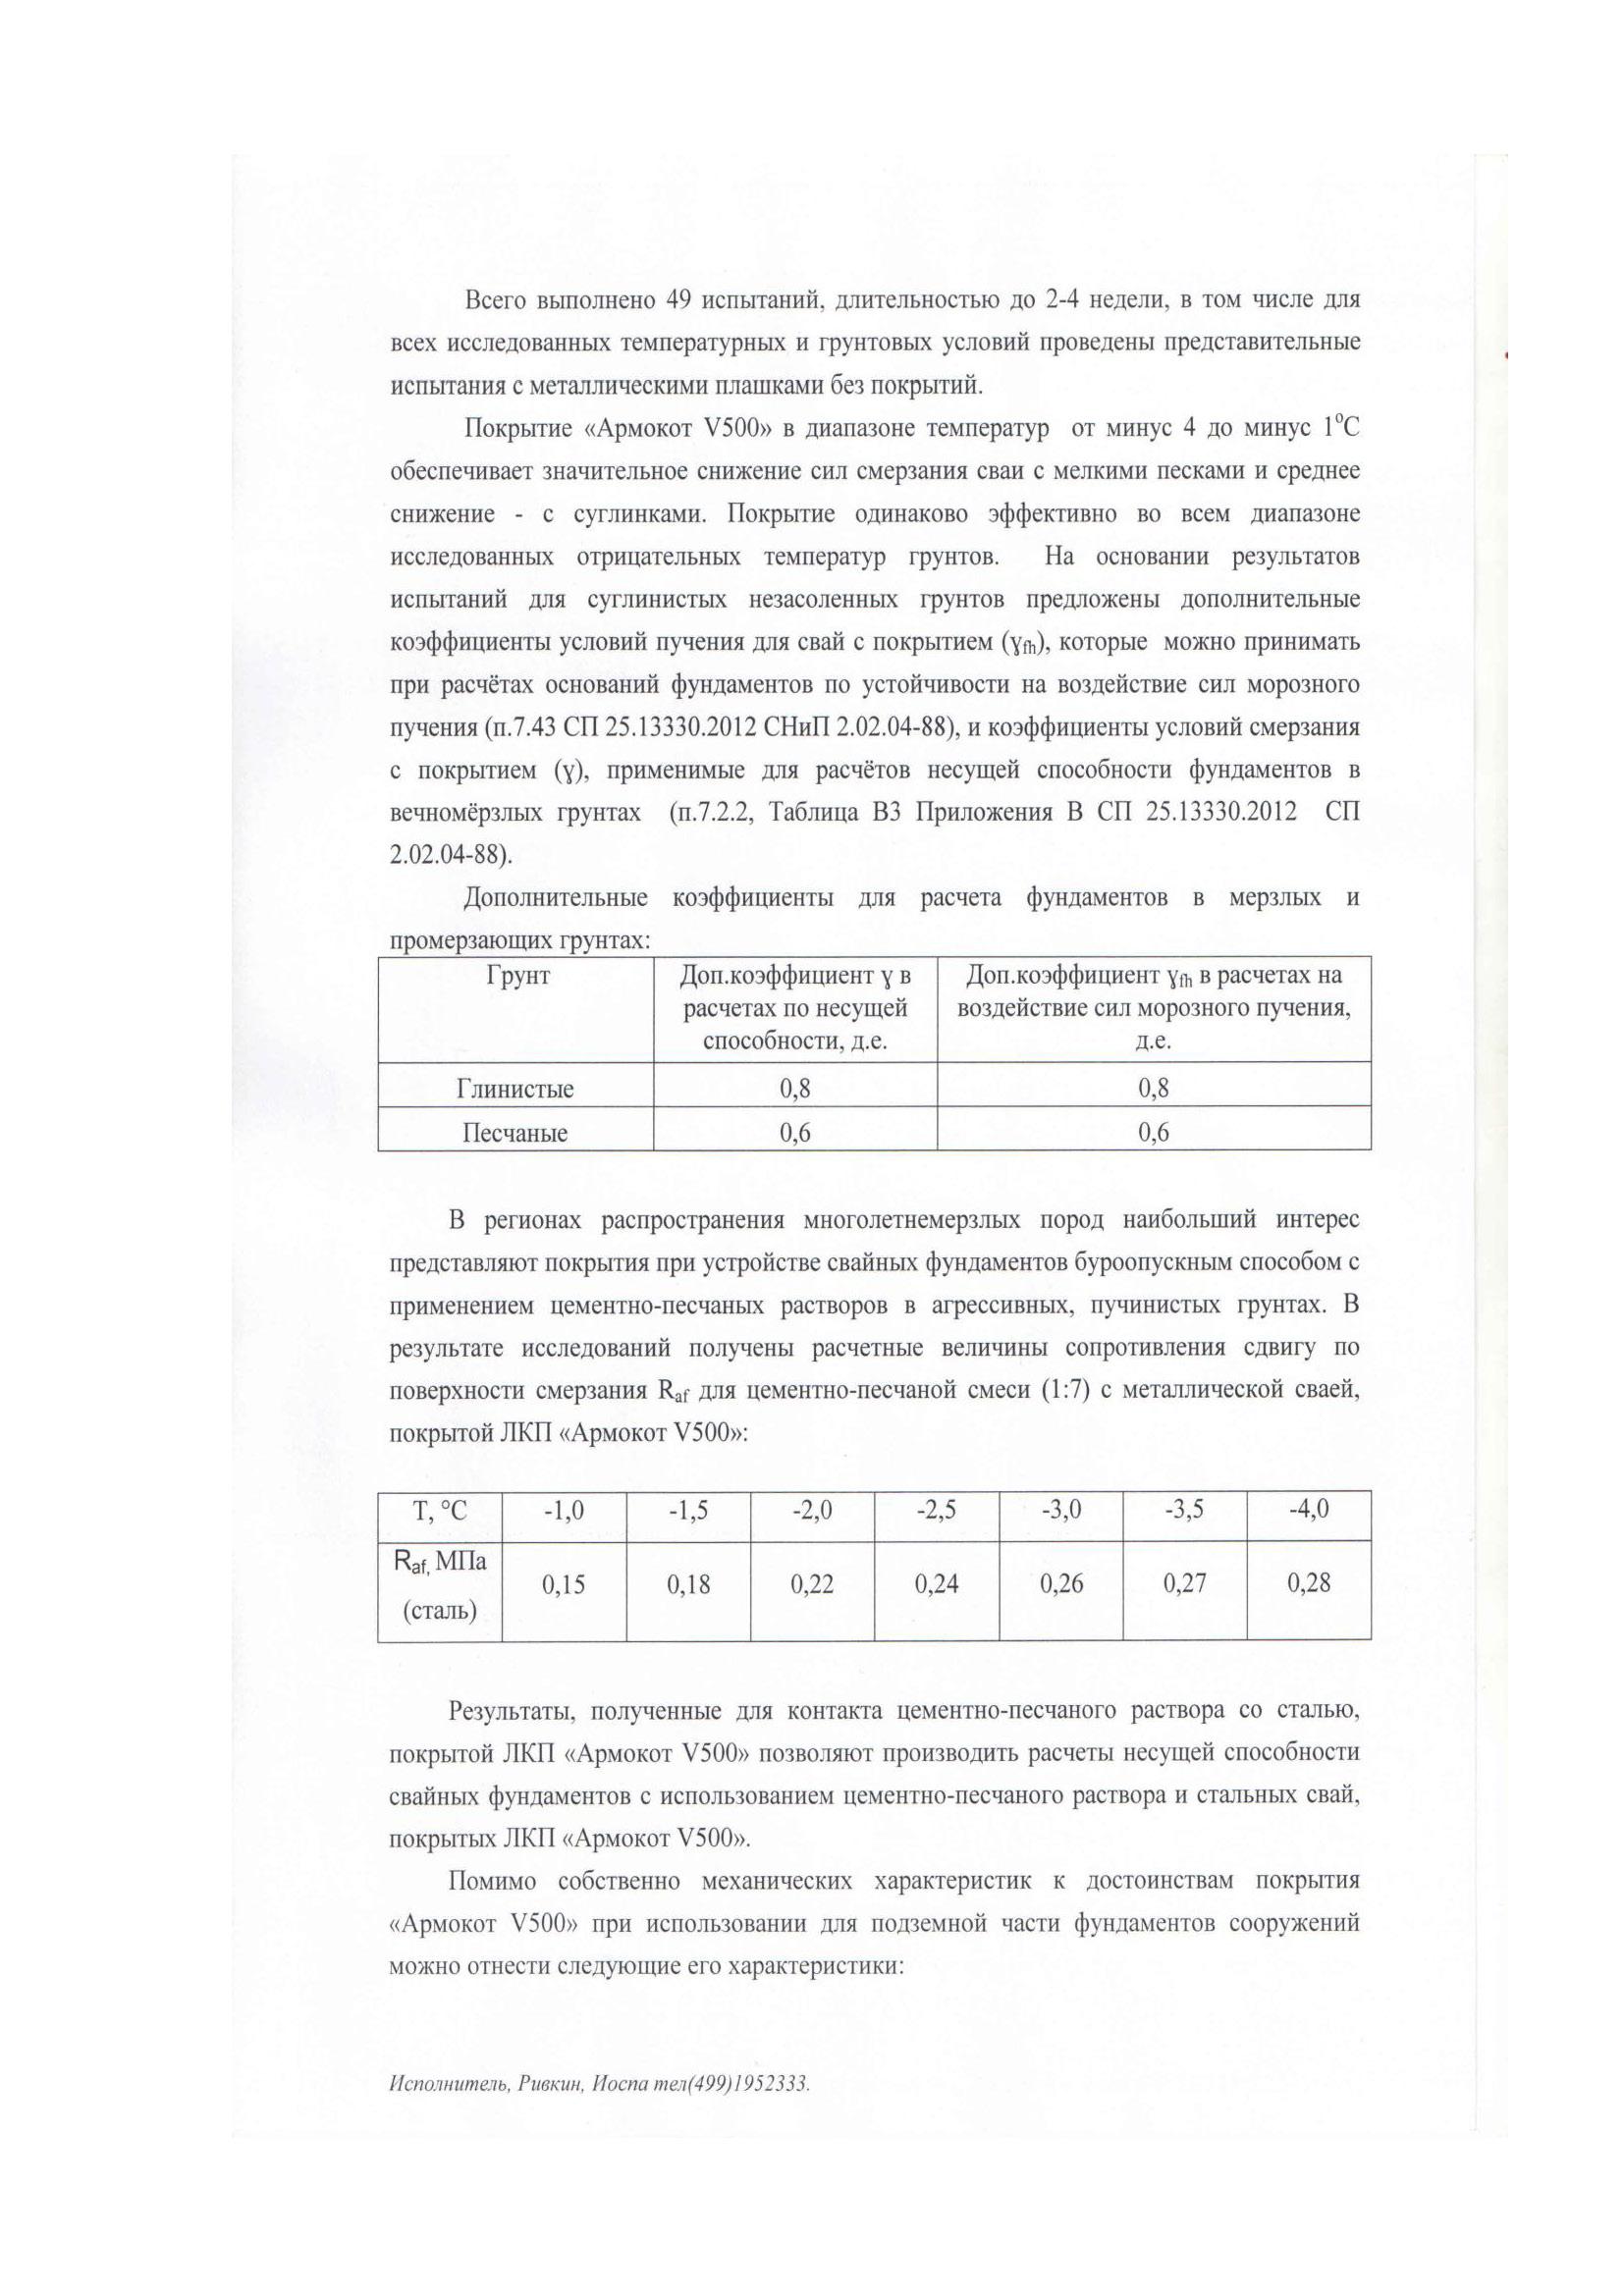 Заключение по итогам прохождения испытаний на фундаменты Армокот V500_Страница_2